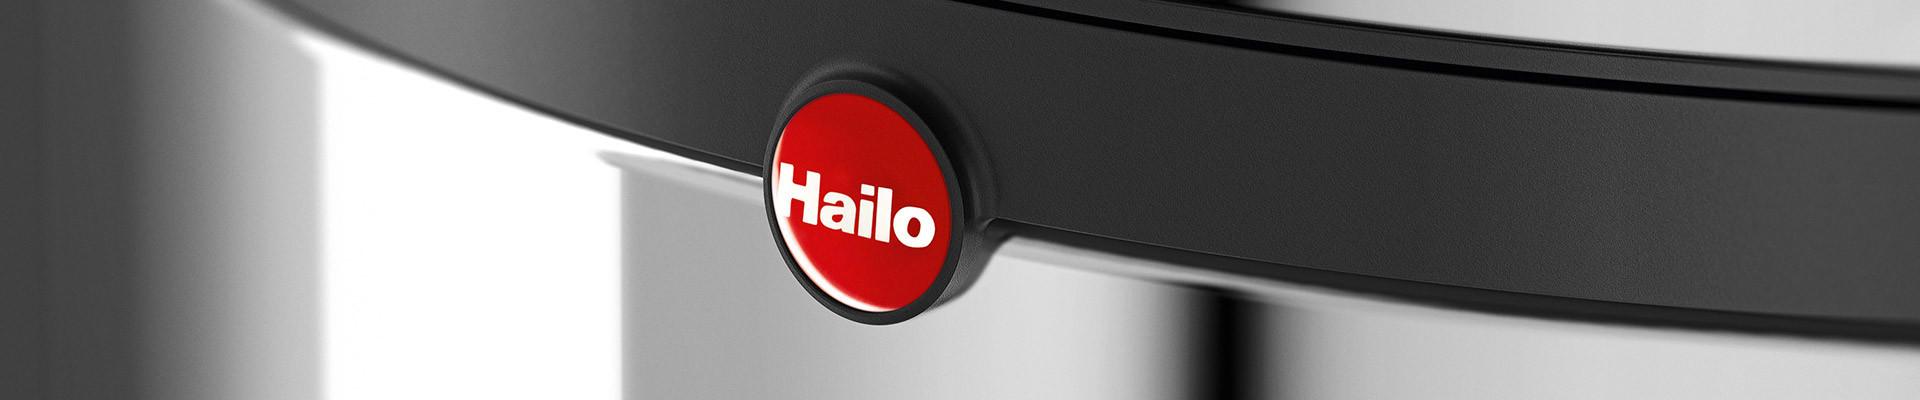 Commandez une pièce détachée pour poubelle Hailo